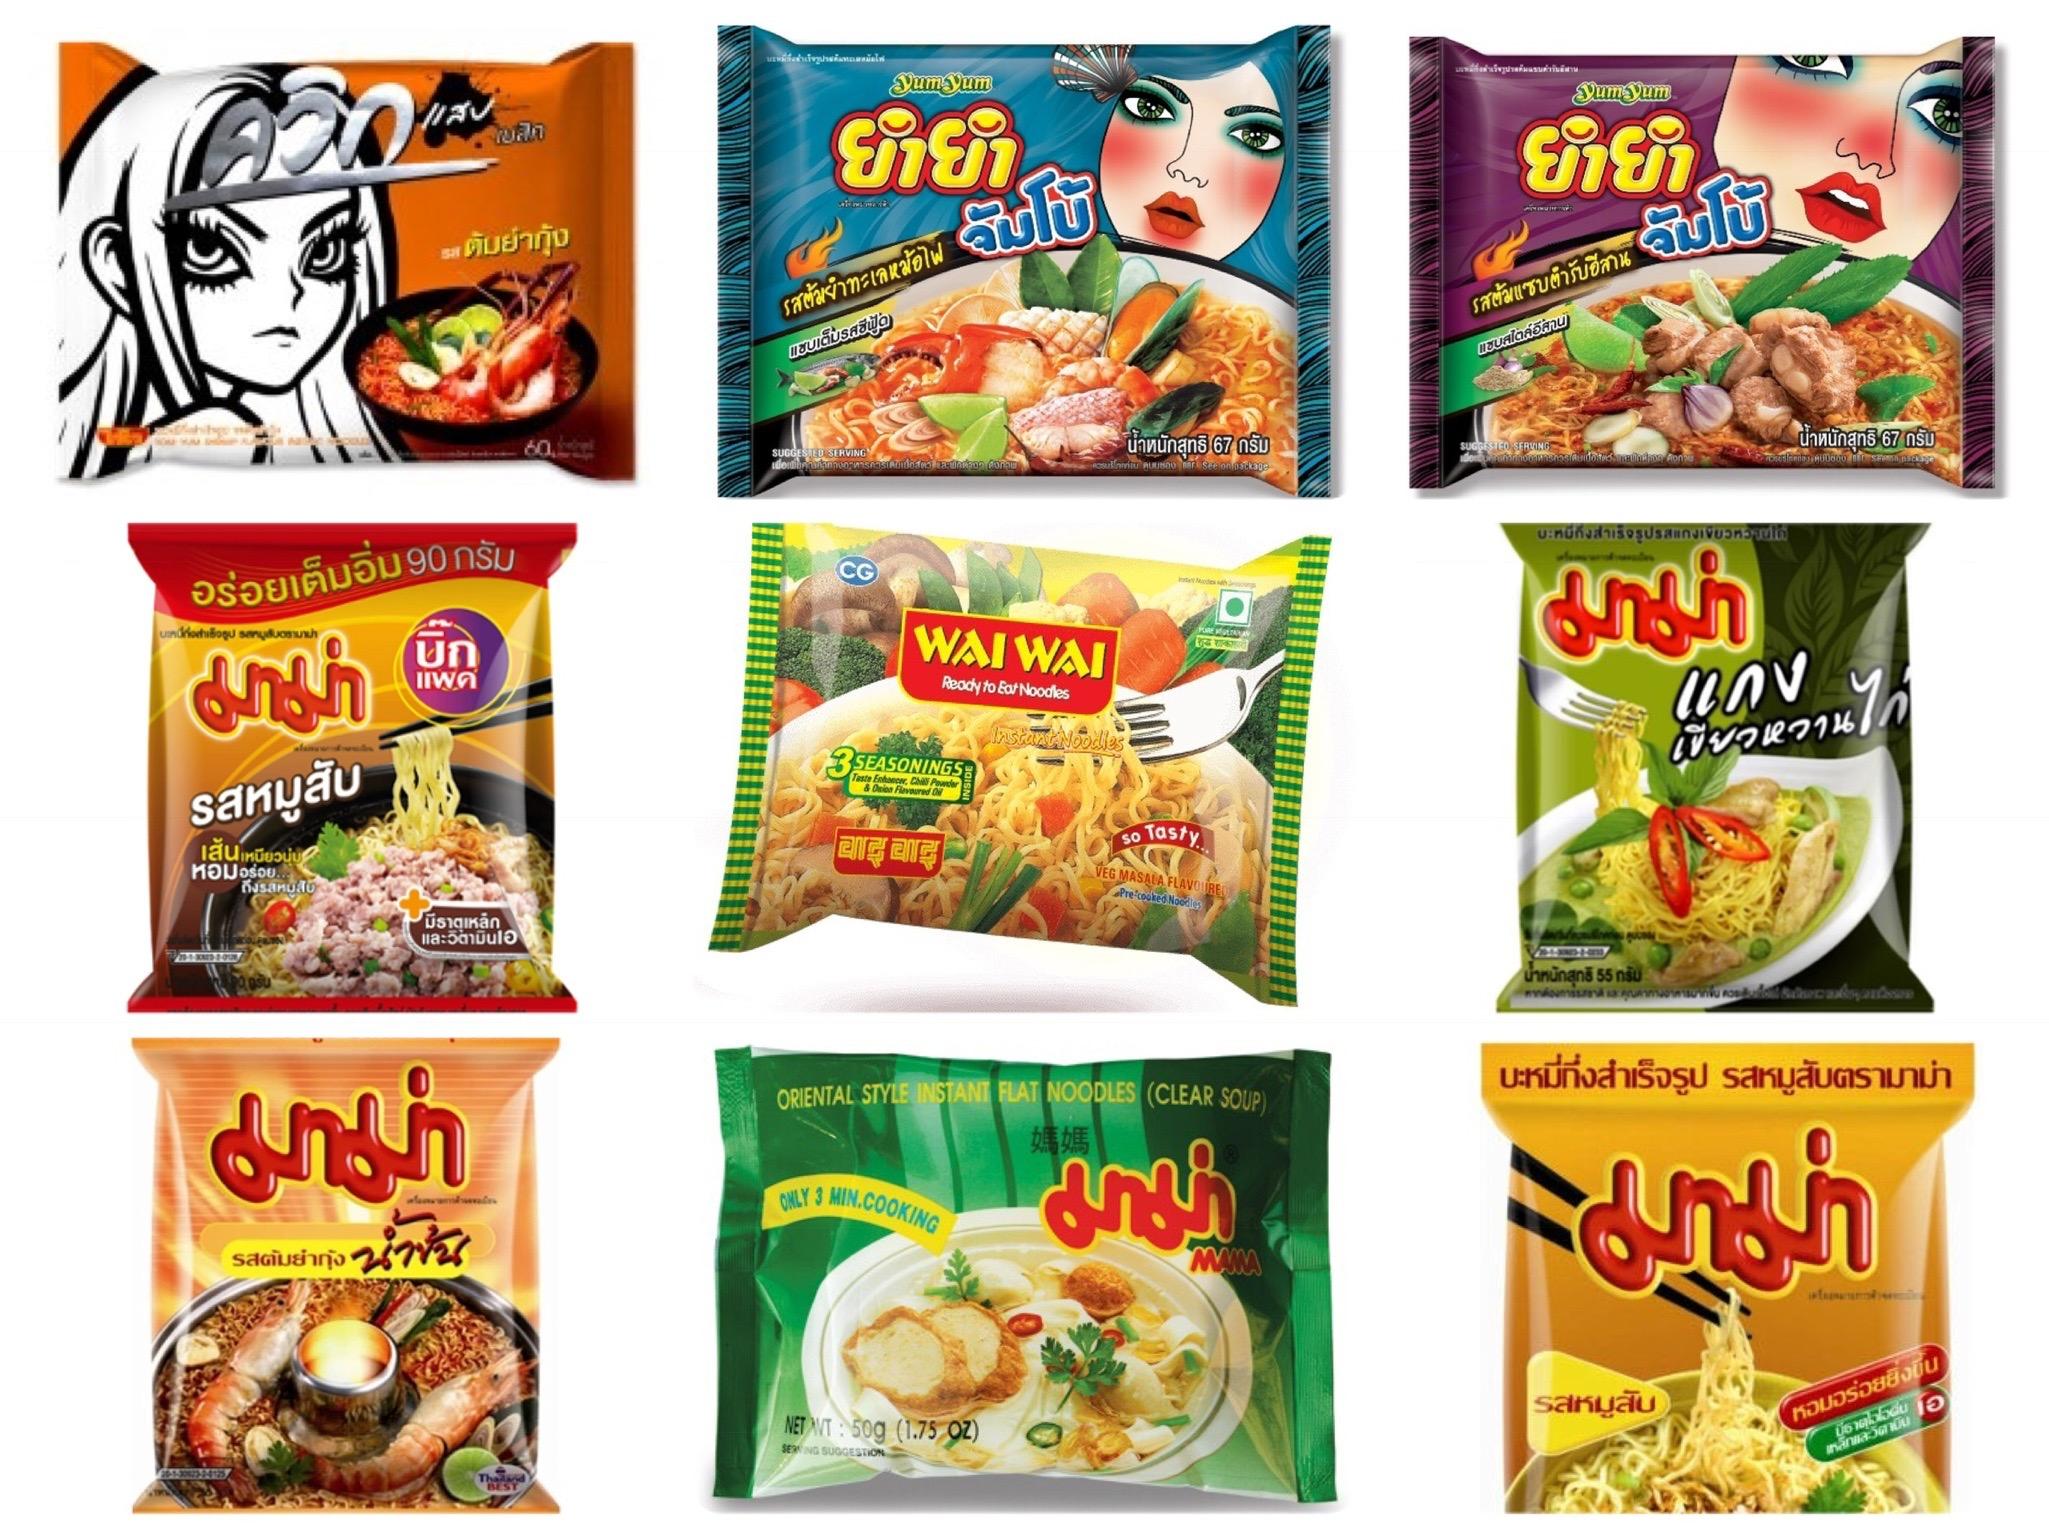 8款 泰國必買泡麵 ! 照著這份清單買,絕對不會踩到地雷!